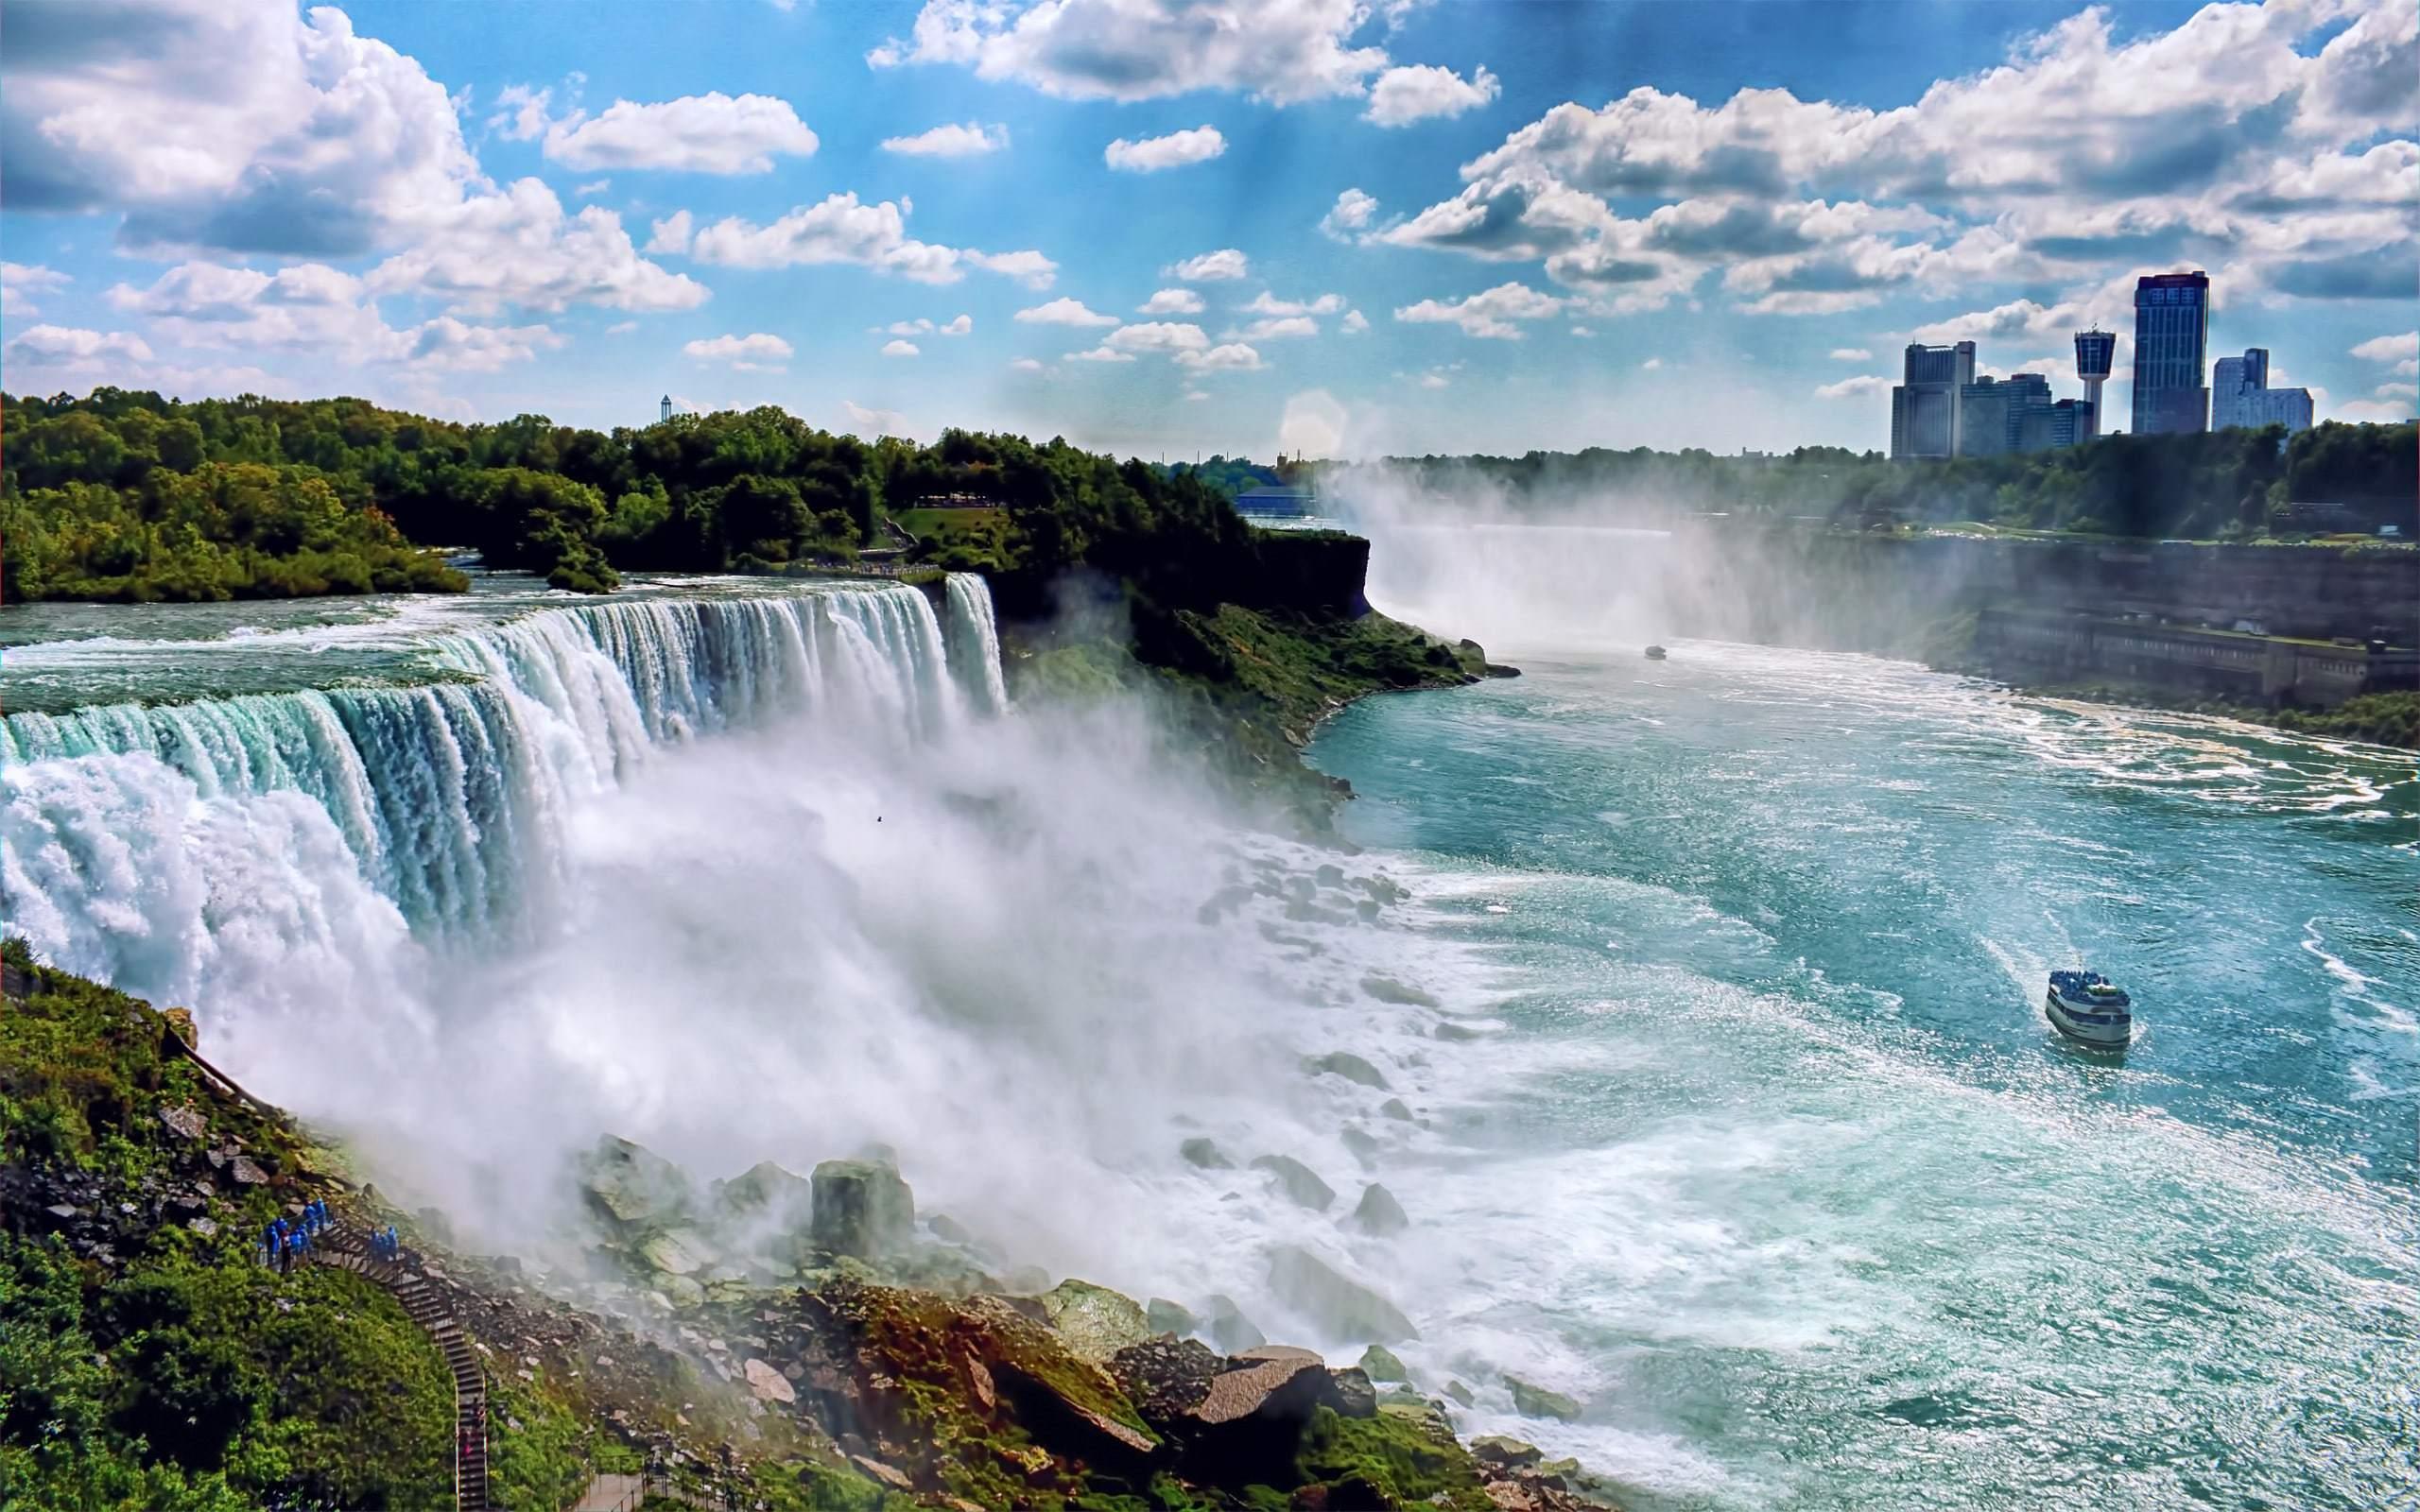 Niagara Falls Widescreen